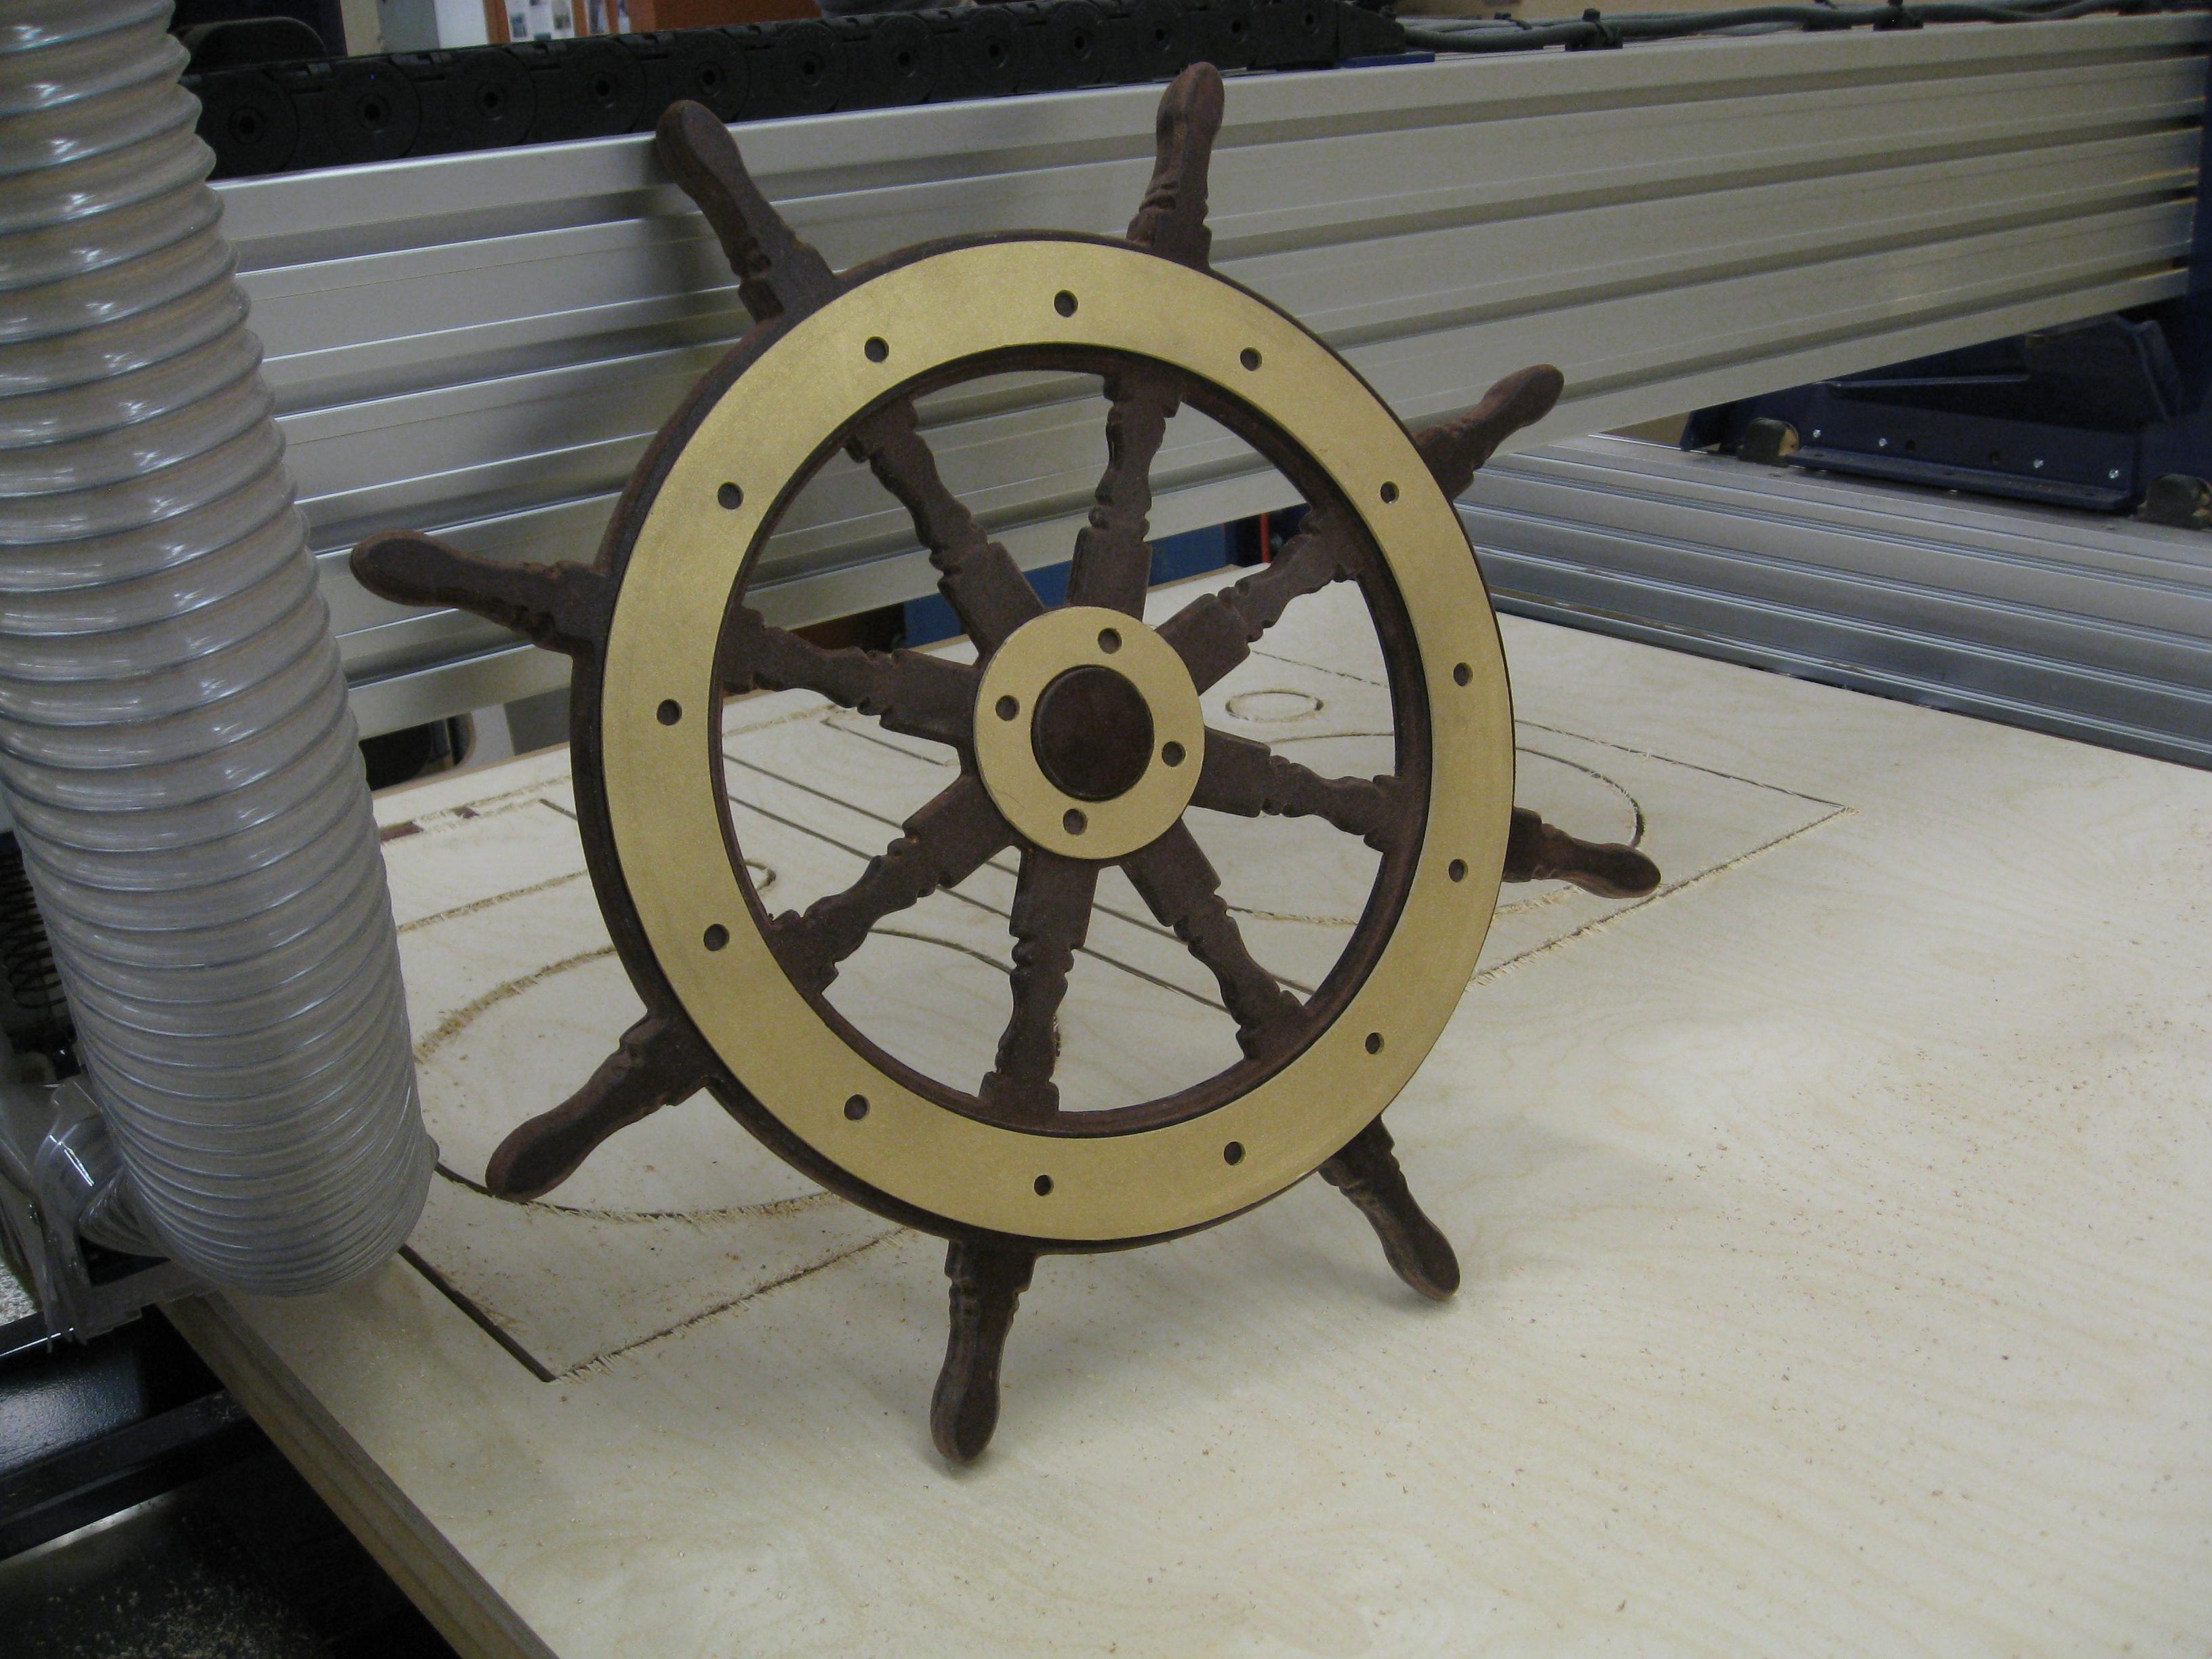 Antique-look Helm Wheel prop